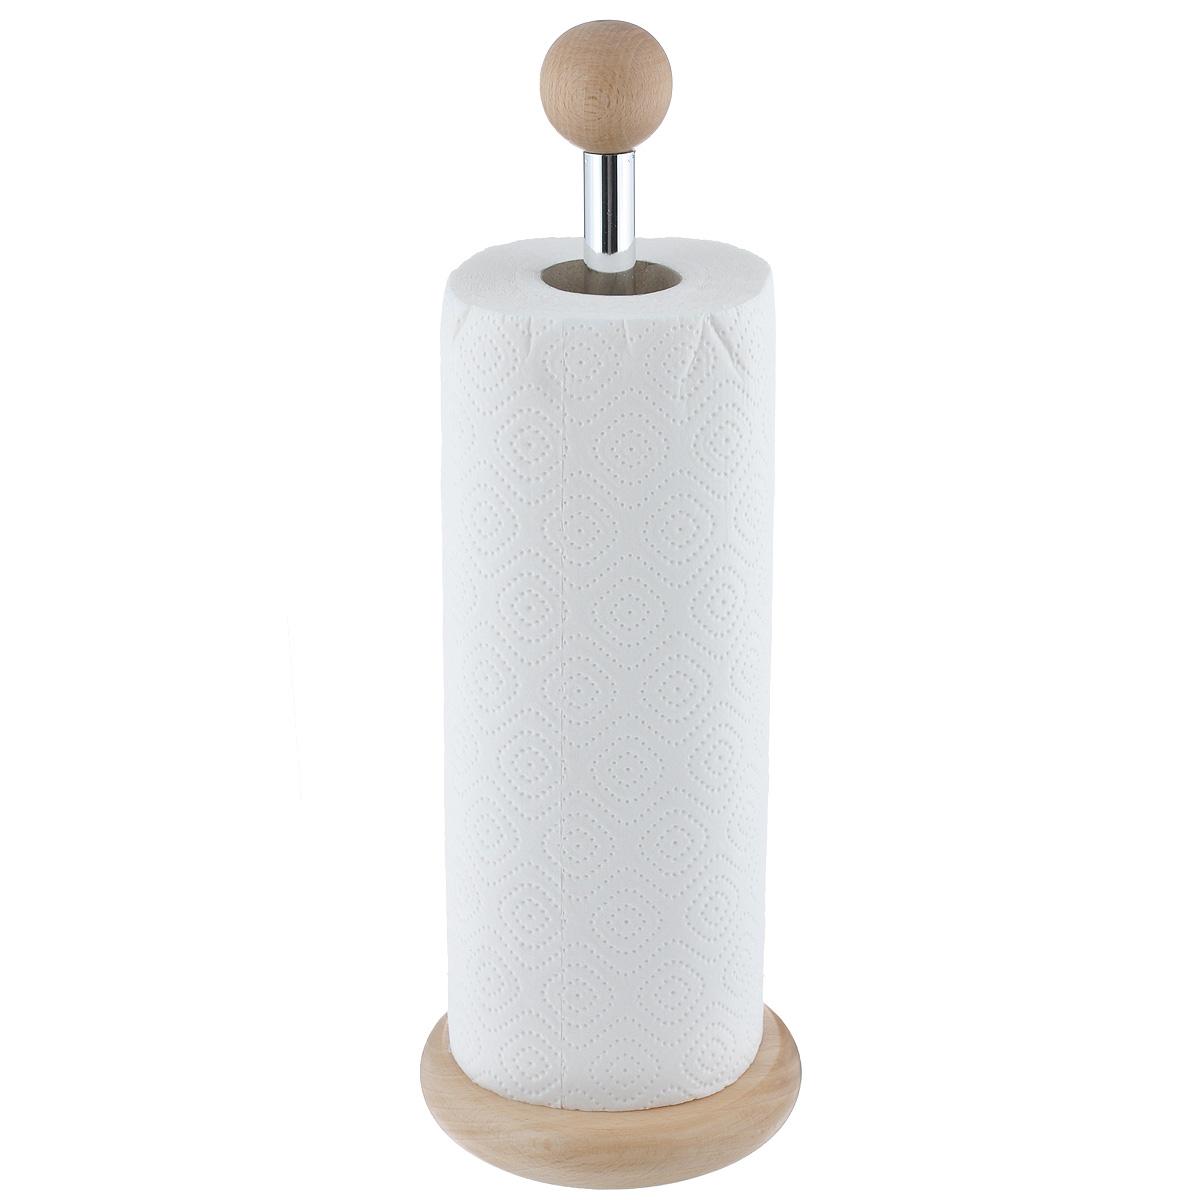 Держатель для бумажных полотенец Kesper9000-9Держатель Kesper, изготовленный из высококачественного дерева, предназначен для бумажных полотенец. Изделие имеет широкое круглое основание. В комплекте - рулон бумажных полотенец. Такой держатель станет полезным аксессуаром в домашнем быту и идеально впишется в интерьер современной кухни.